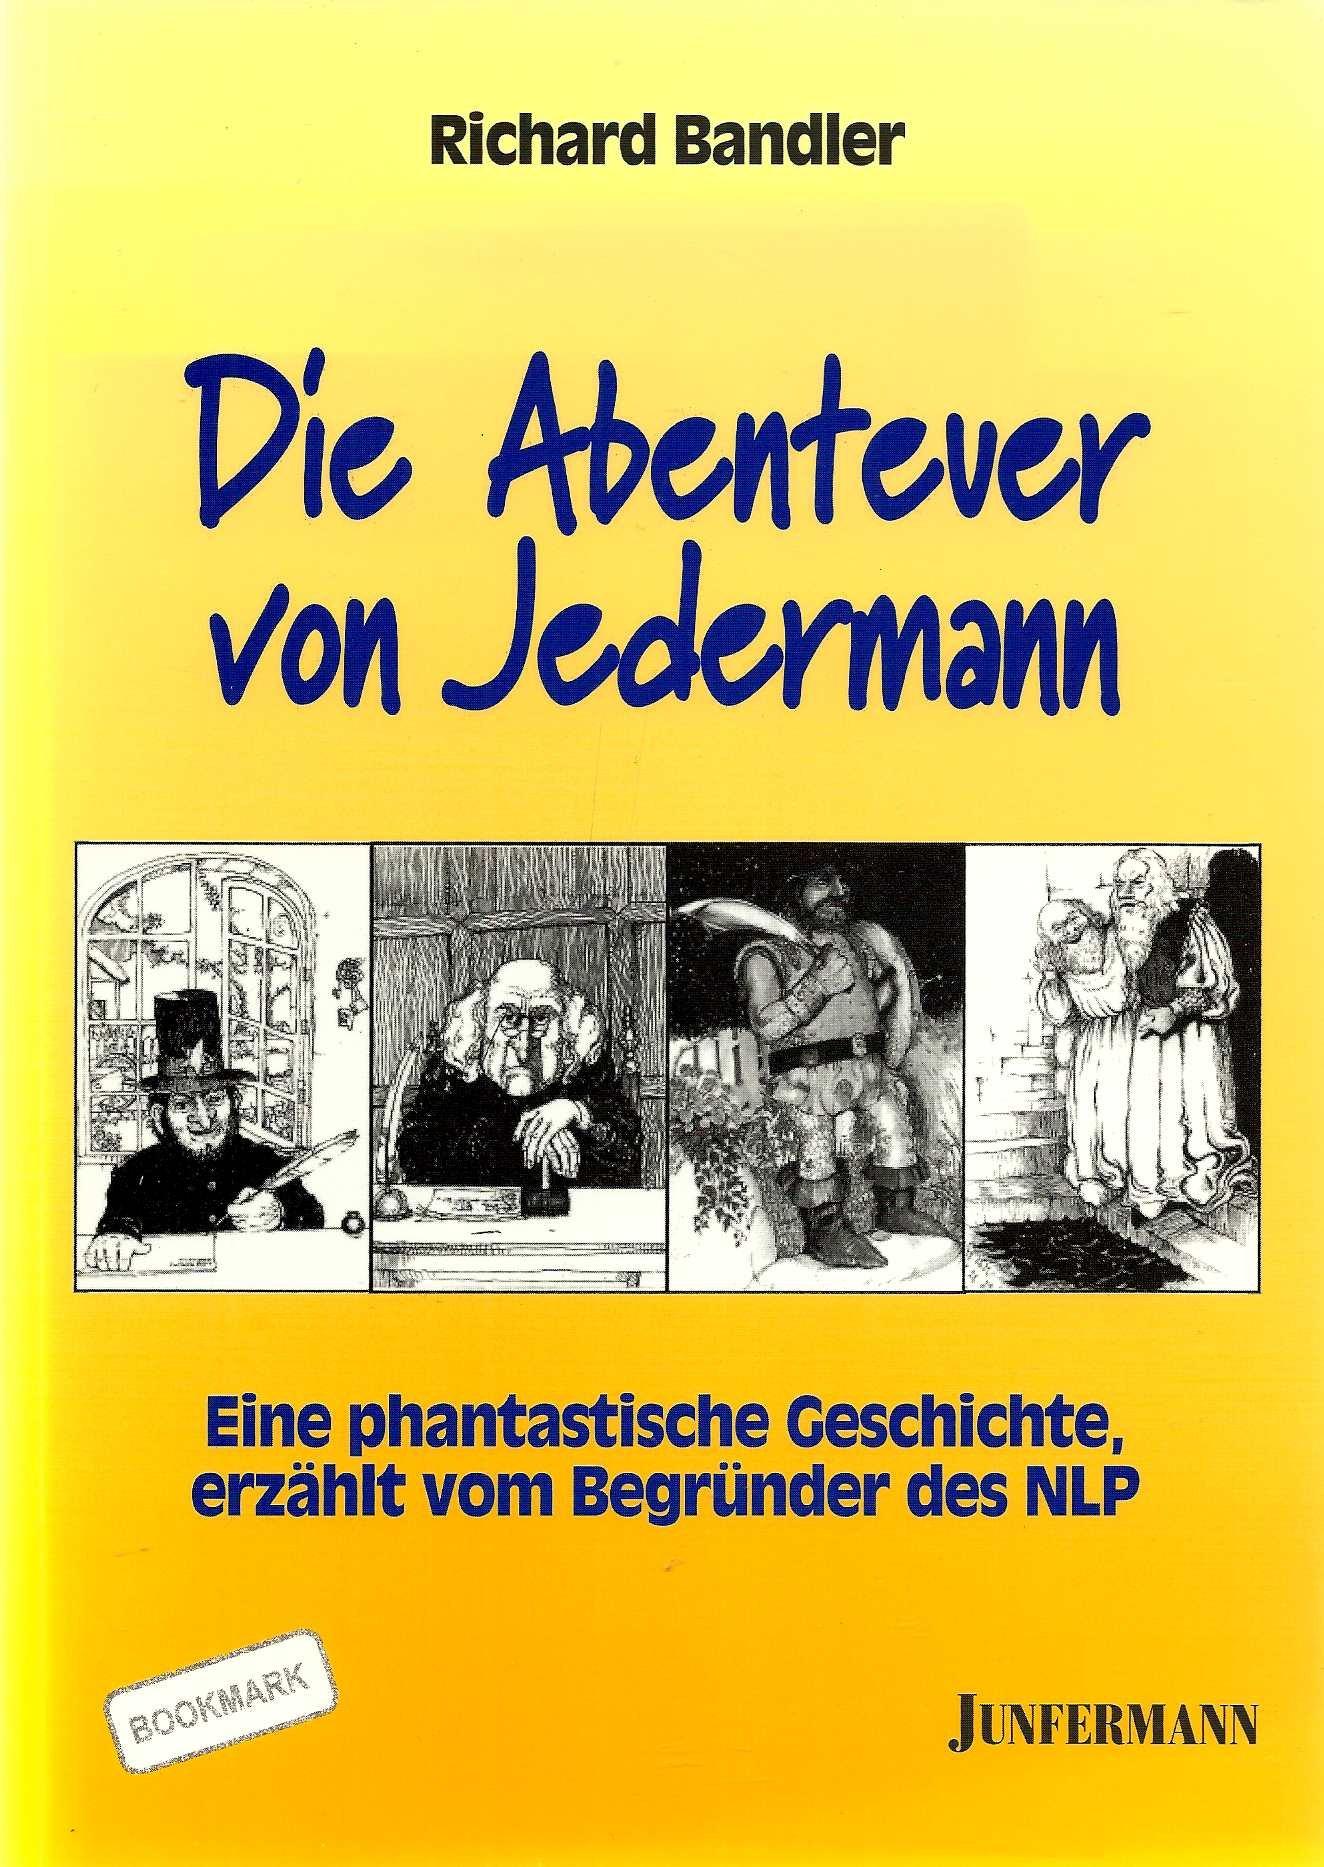 Die Abenteuer von Jedermann: Eine phantastische Geschichte, erzählt vom Begründer des NLP